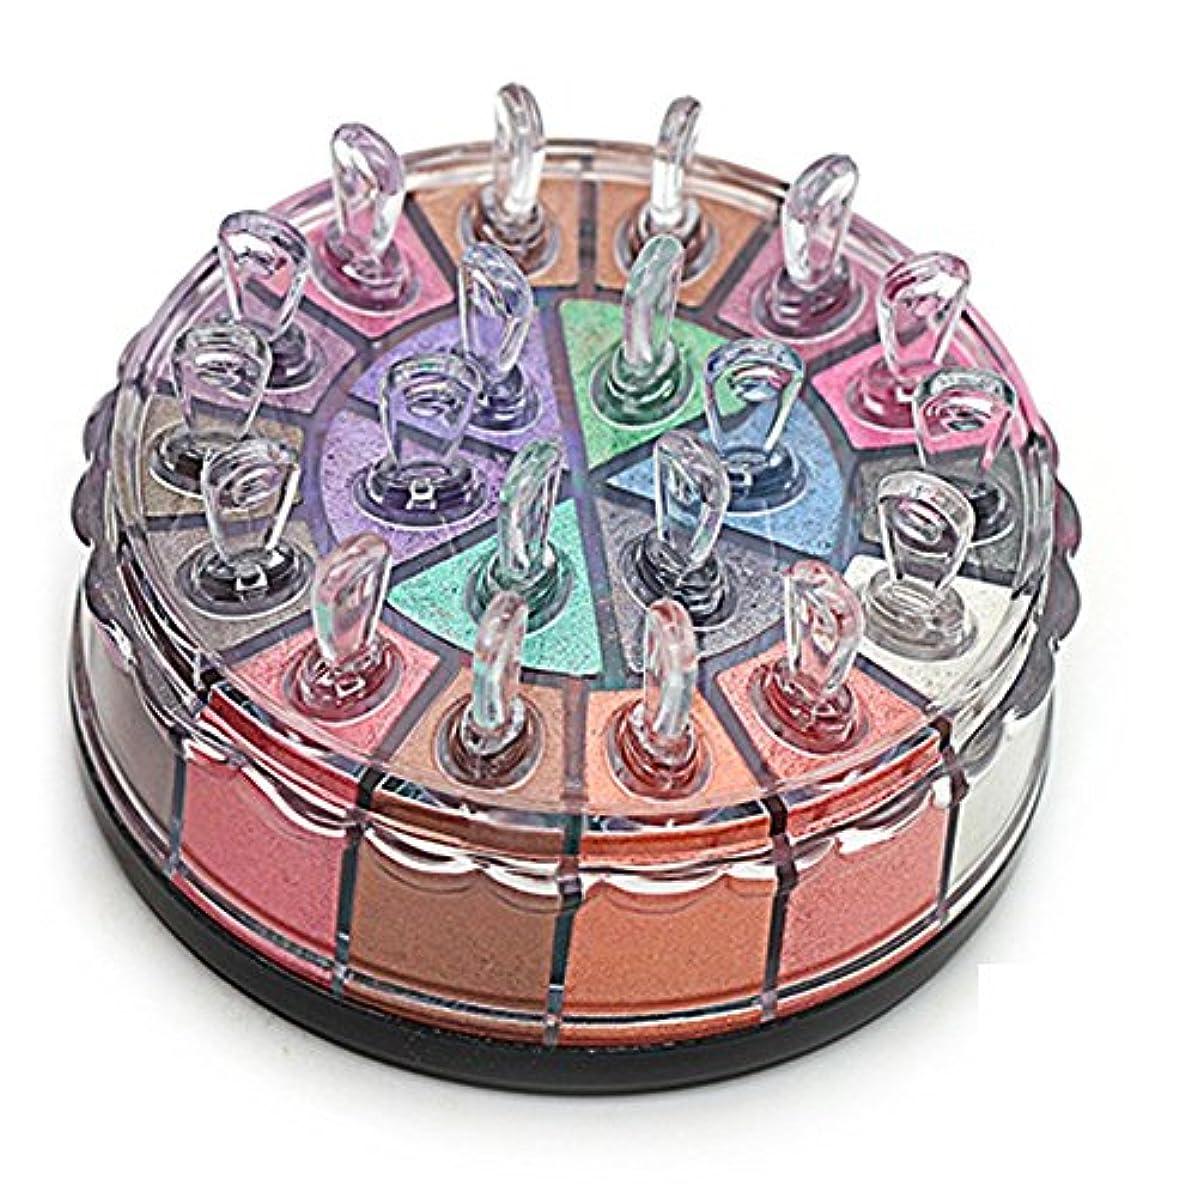 強度通知するおMatte Eyeshadow YOKINO アイシャドー パレット 化粧筆 専門化粧 人気 イシャドウ 20色 (2#)